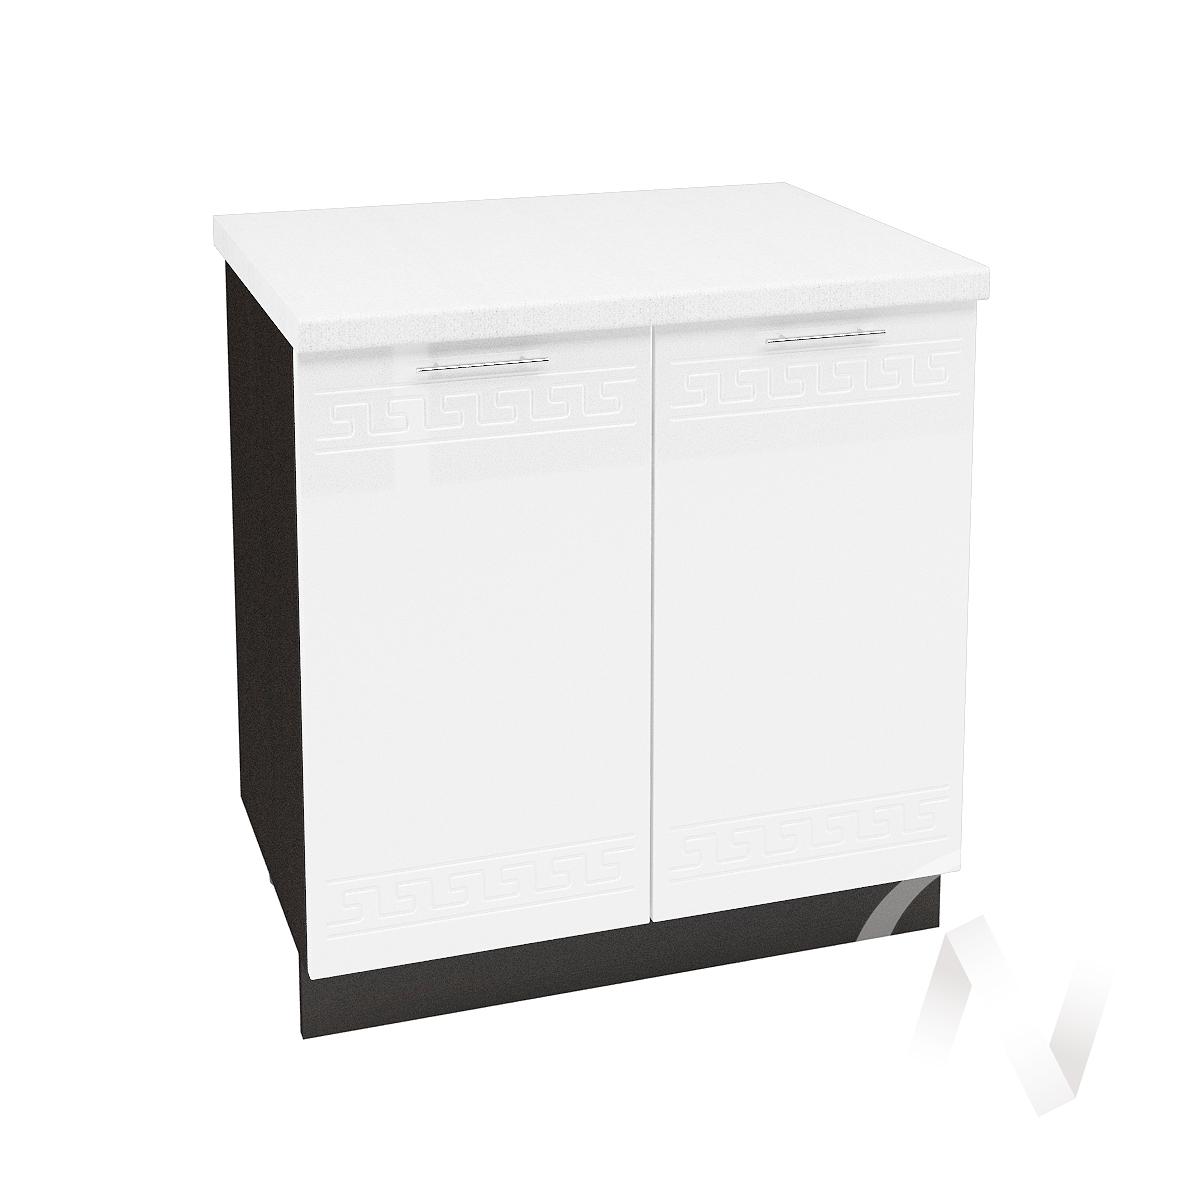 """Кухня """"Греция"""": Шкаф нижний 800, ШН 800 новый (белый металлик/корпус венге)"""